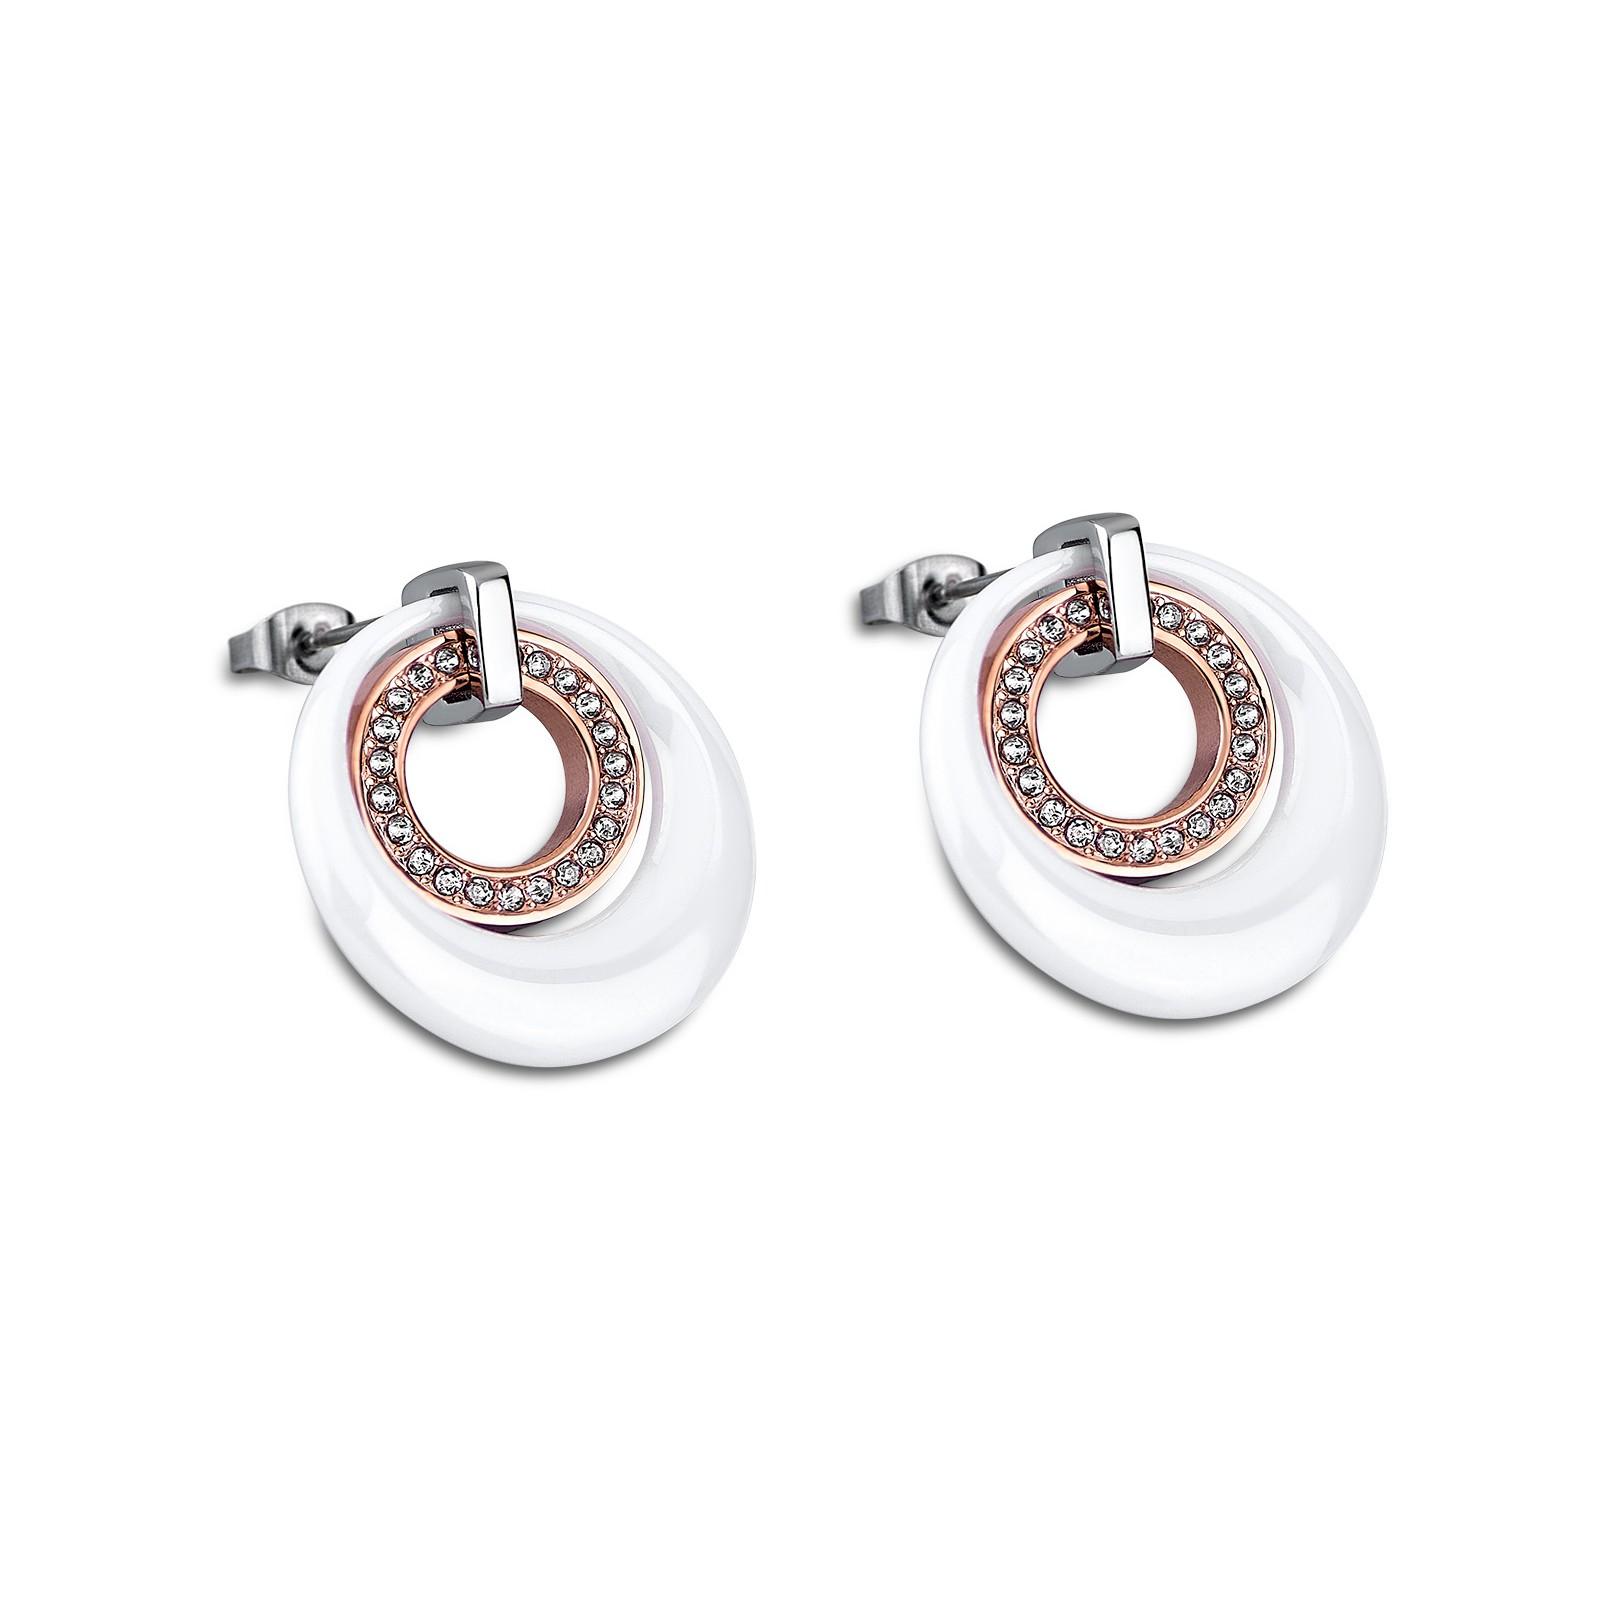 LOTUS Style Damen Ohrhänger Ceramic-Kollektion Edelstahl Keramik JLS1704-4-2